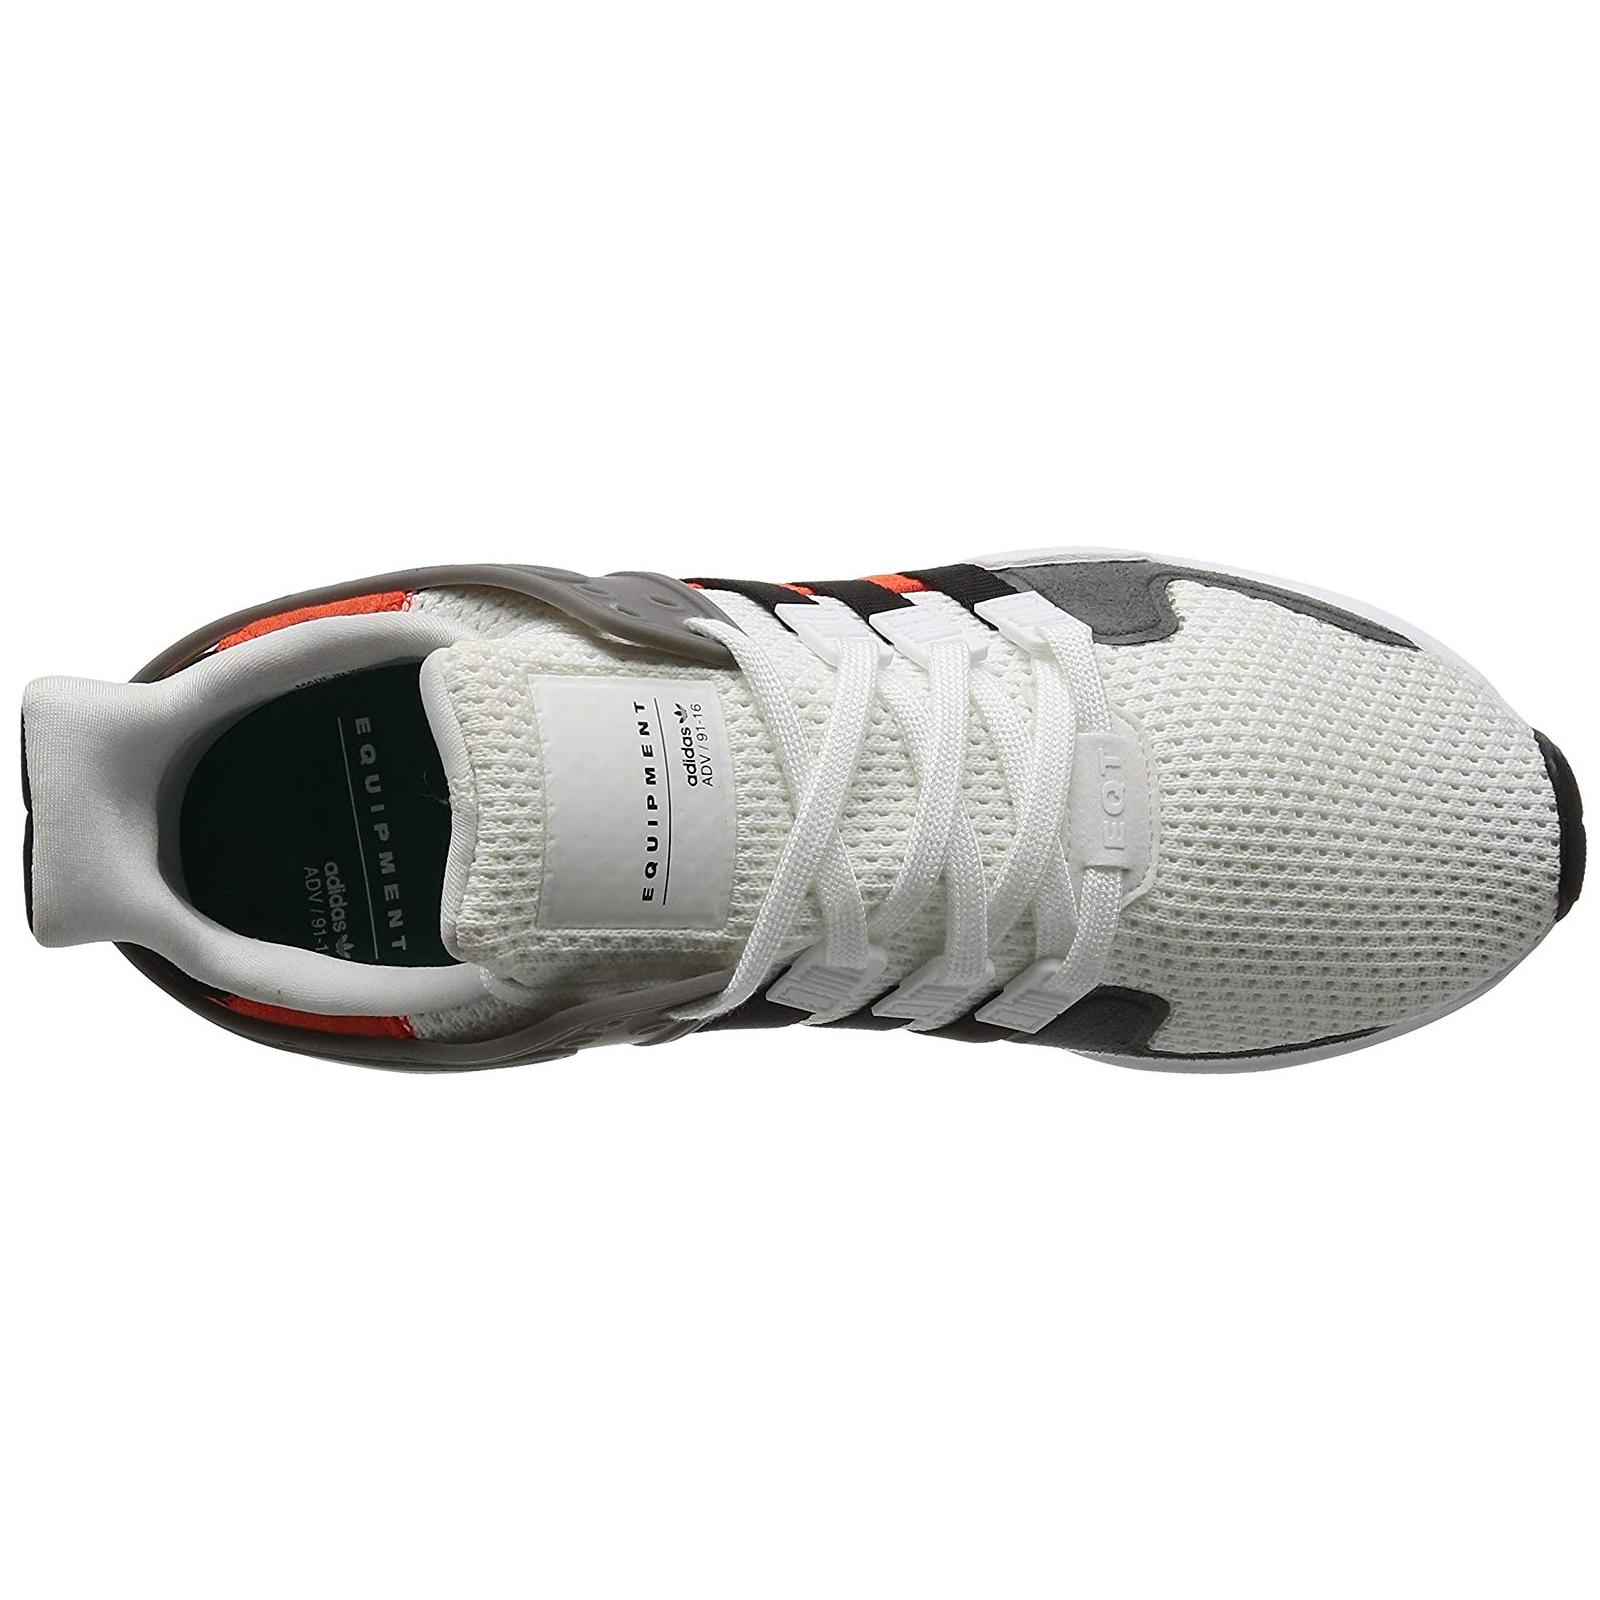 Adidas Originals EQT Equipment Support ADV Advanced Schuhe Sneaker weißgrauschwarzorange BY9584